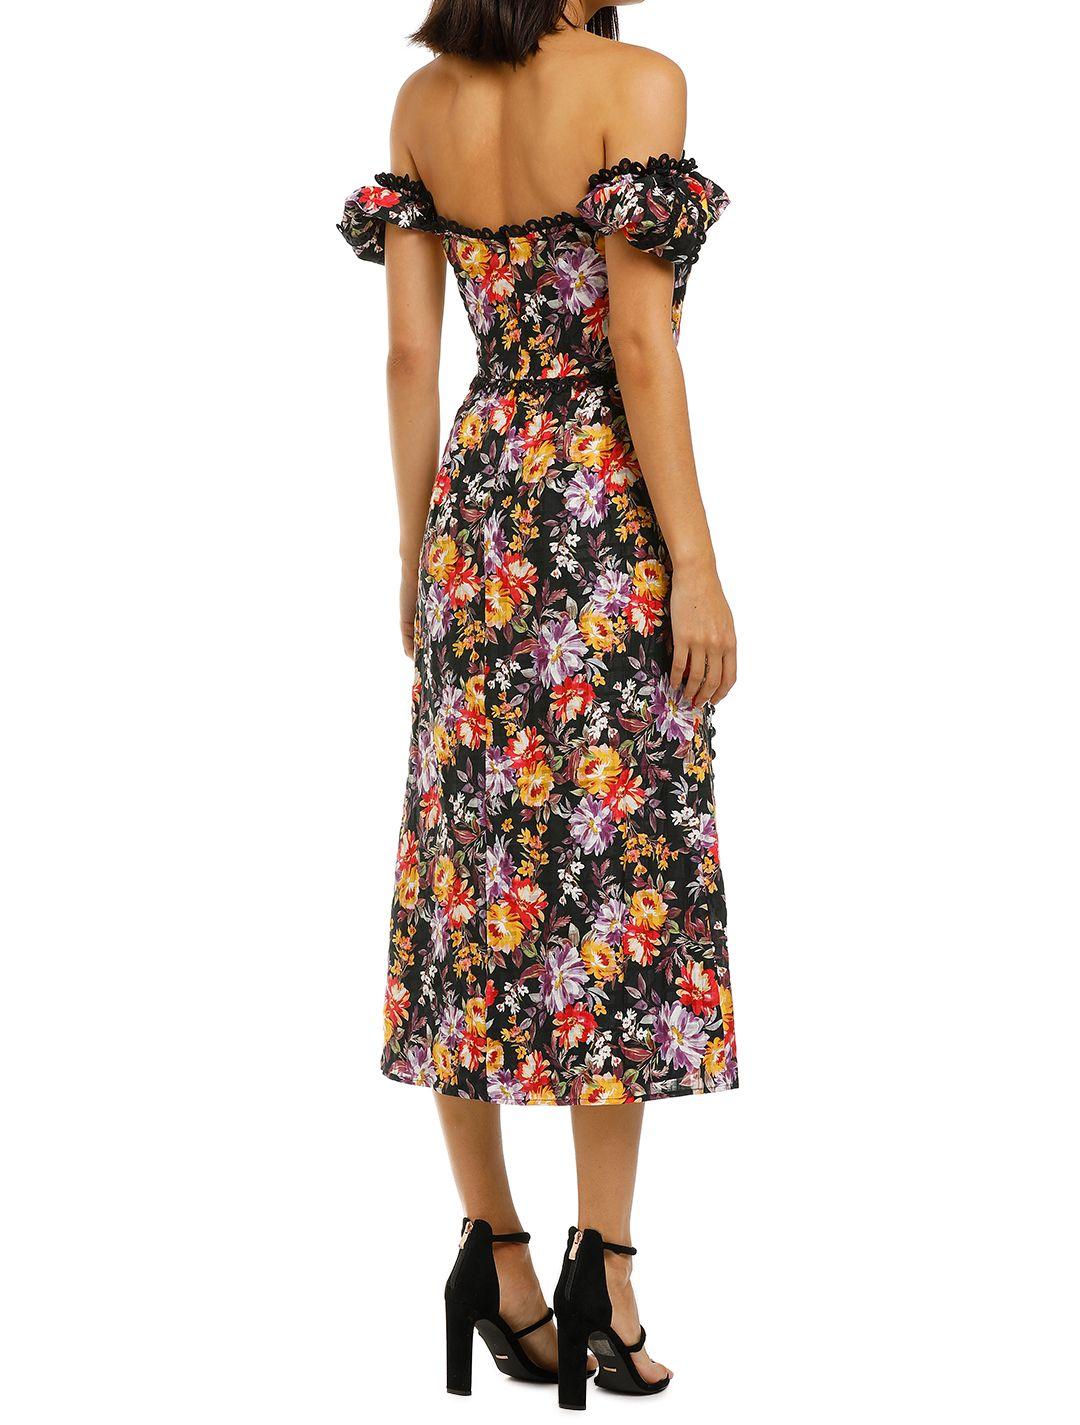 Talulah-Mimosa-Floral-Midi-Dress-Mimosa-Floral-Print-Back